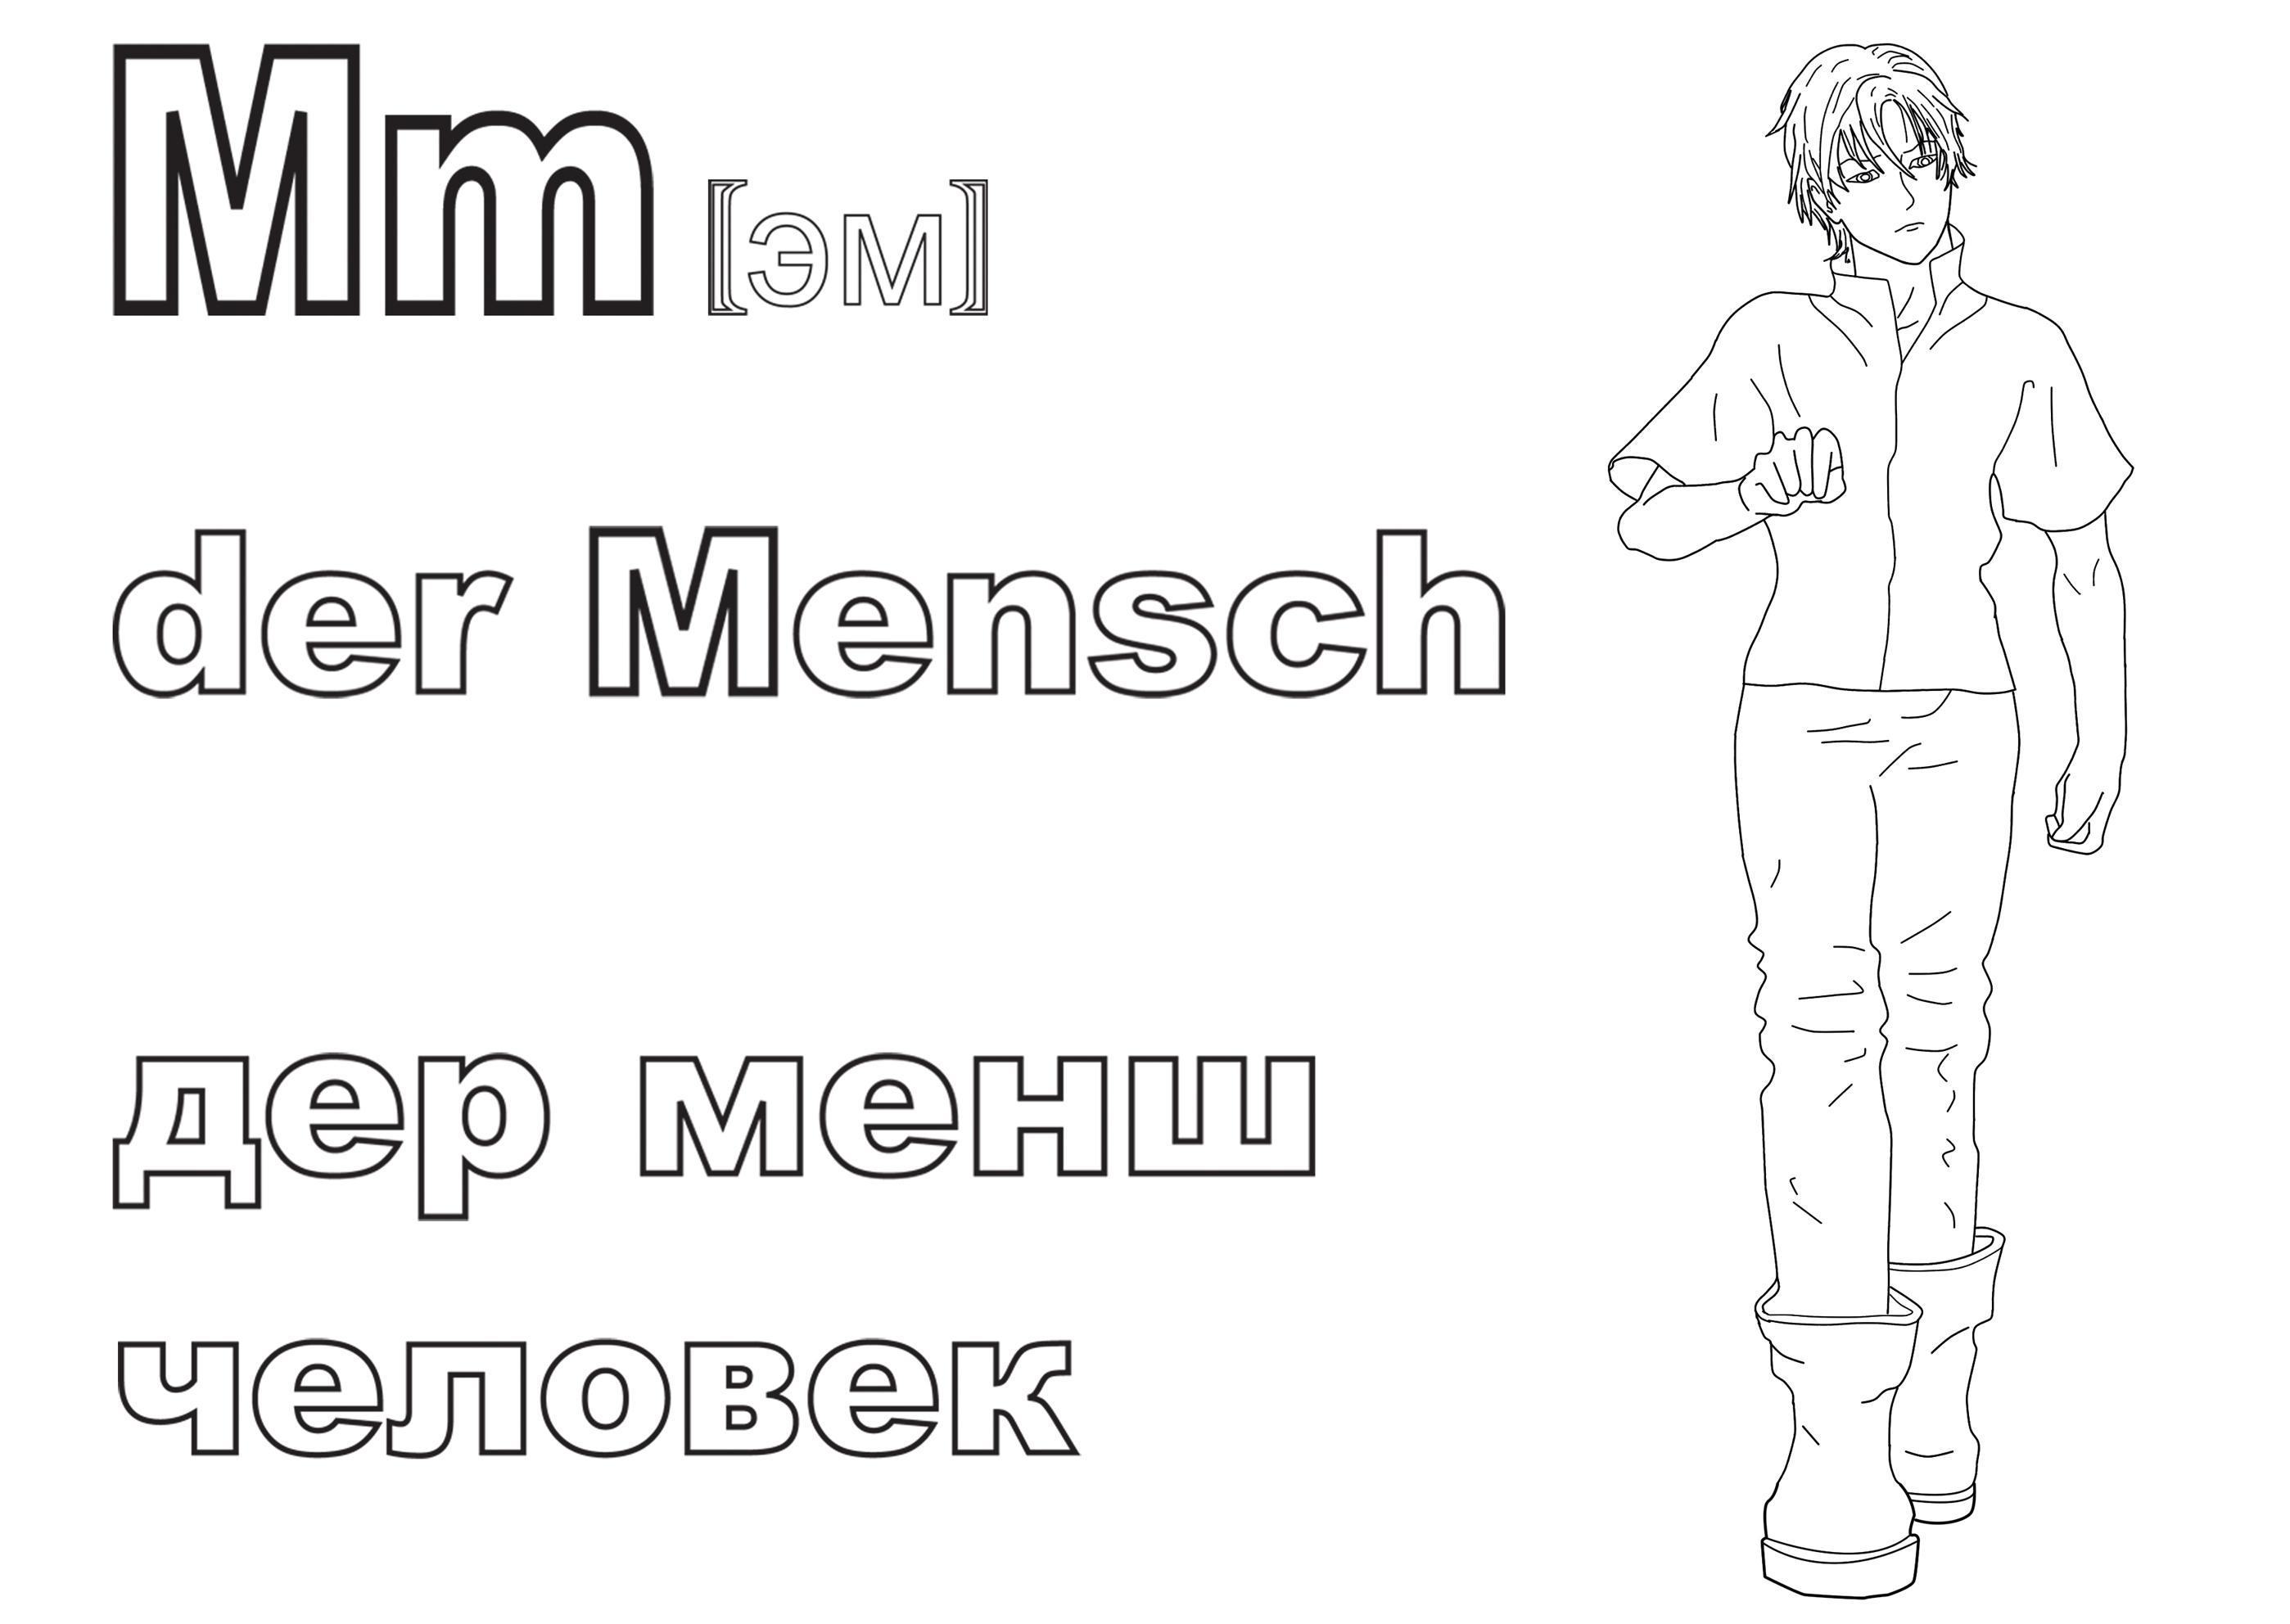 Немецкий алфавит в раскрасках, дер менш, человек